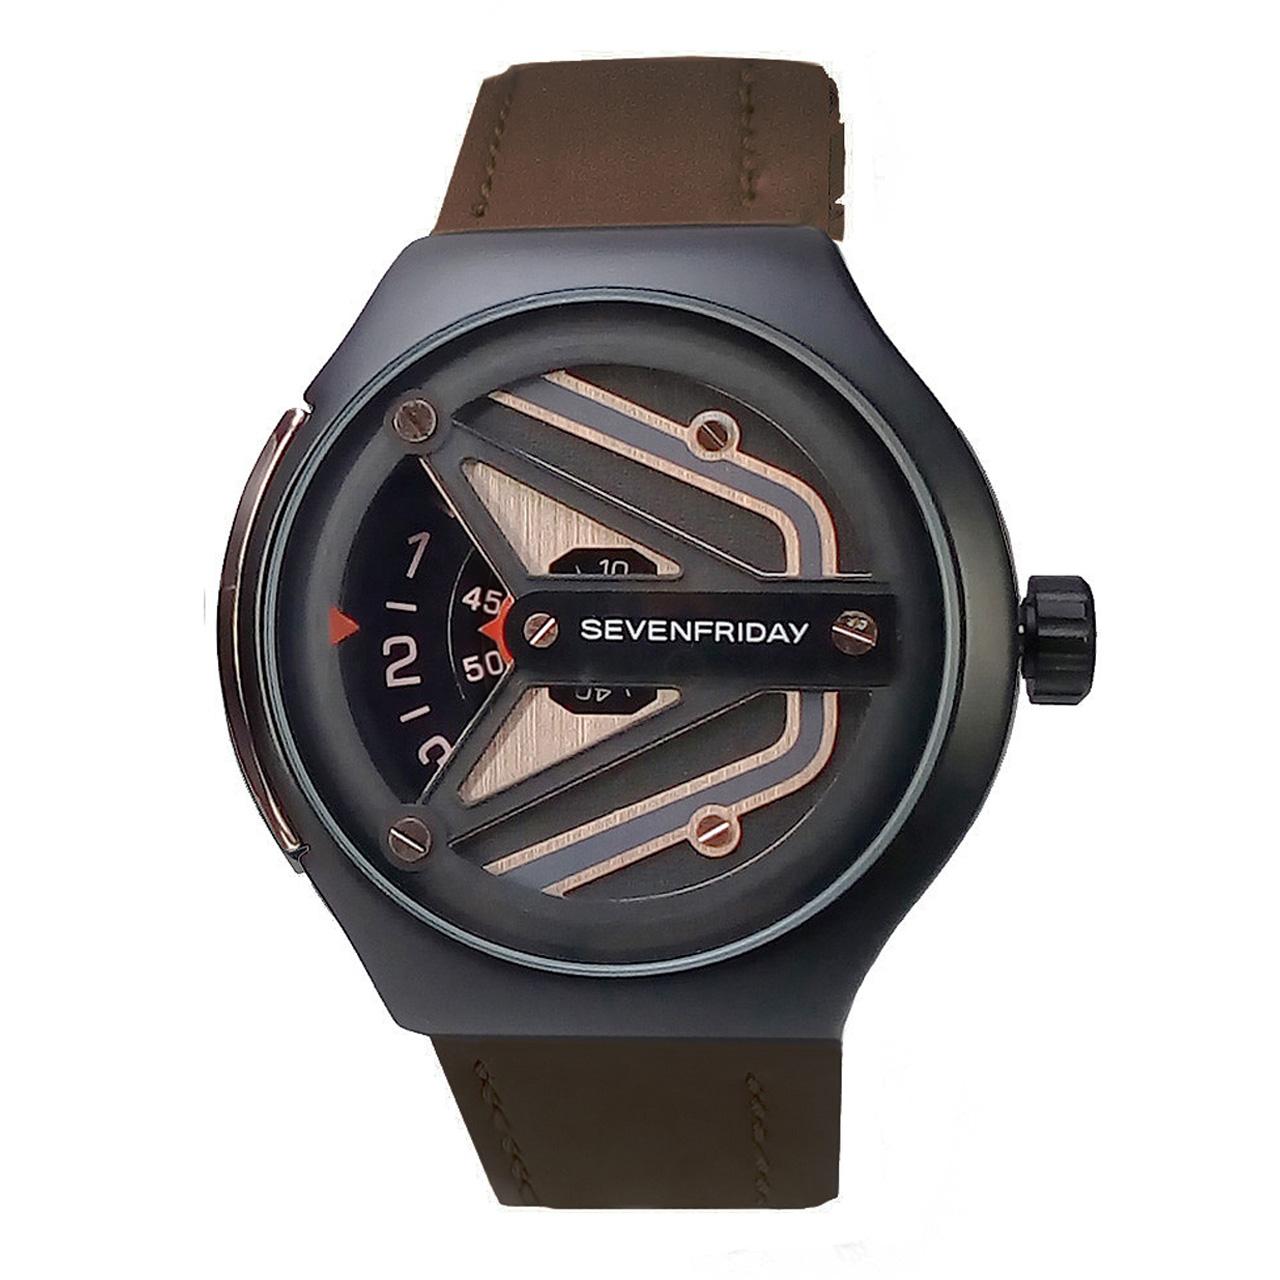 ساعت مچی مردانه عقربه ای سون فرایدی مدل SF-m2-01gt